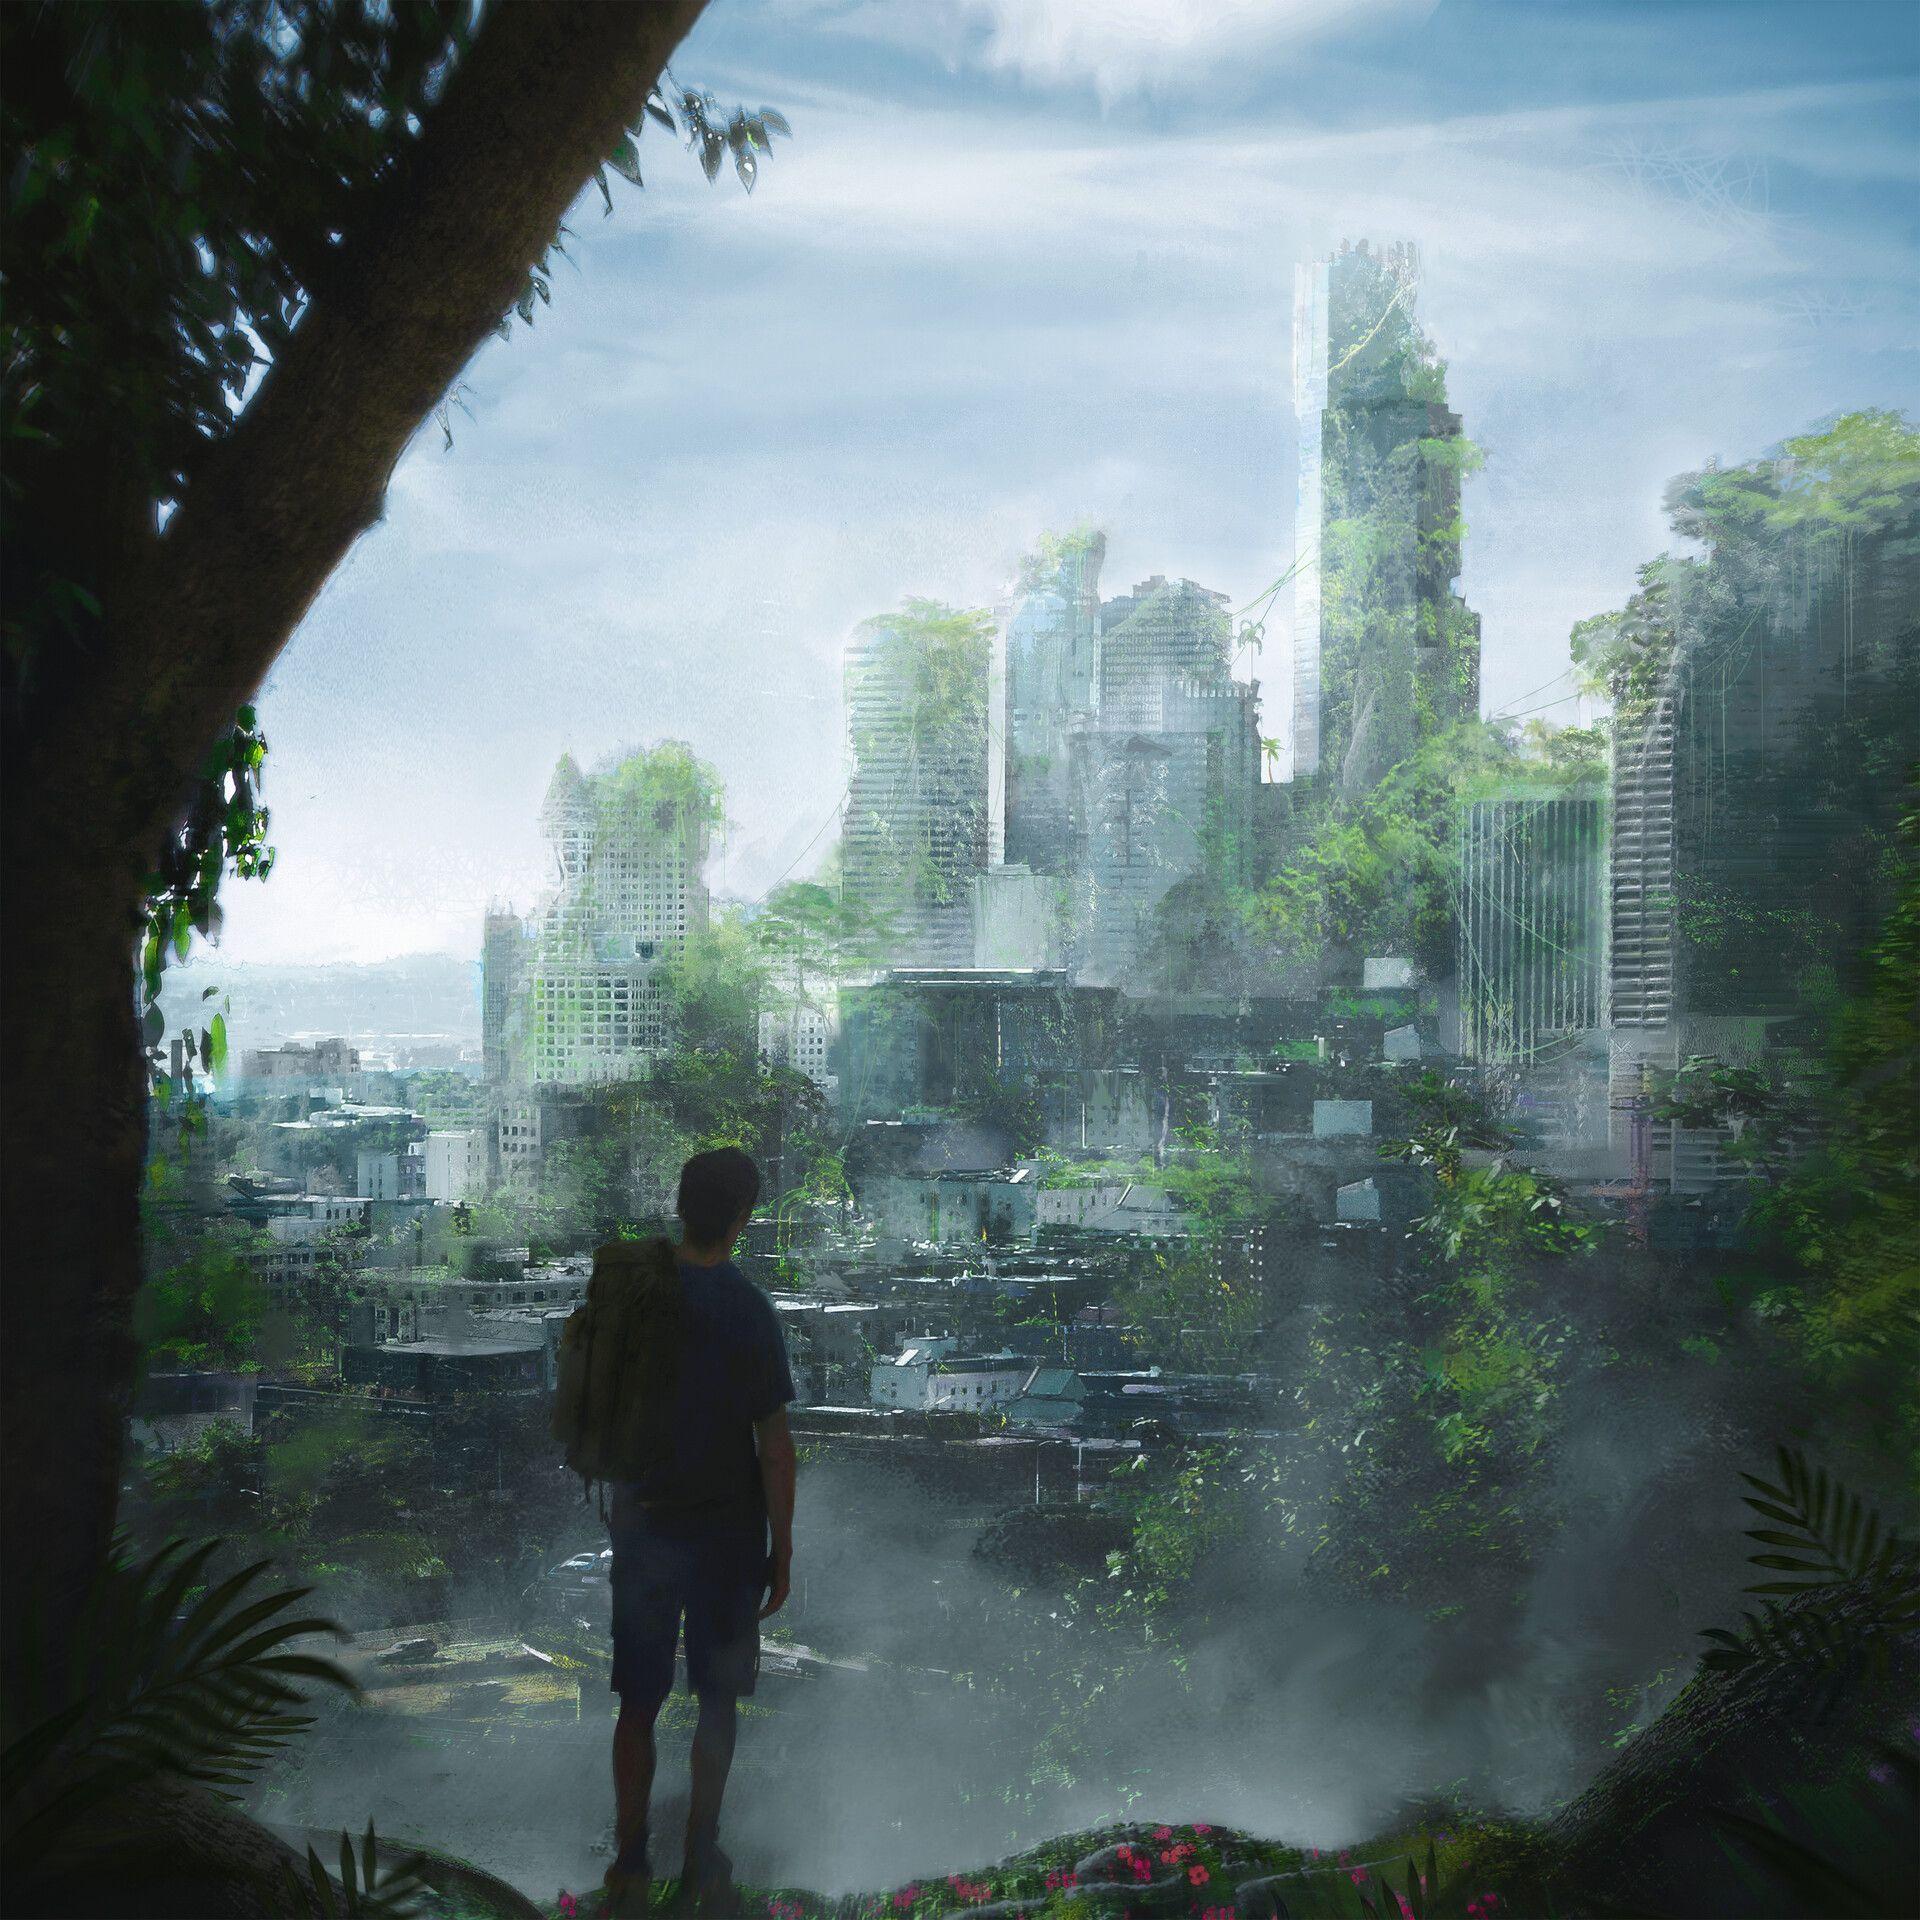 Overgrown City By Rutger Van De Steeg